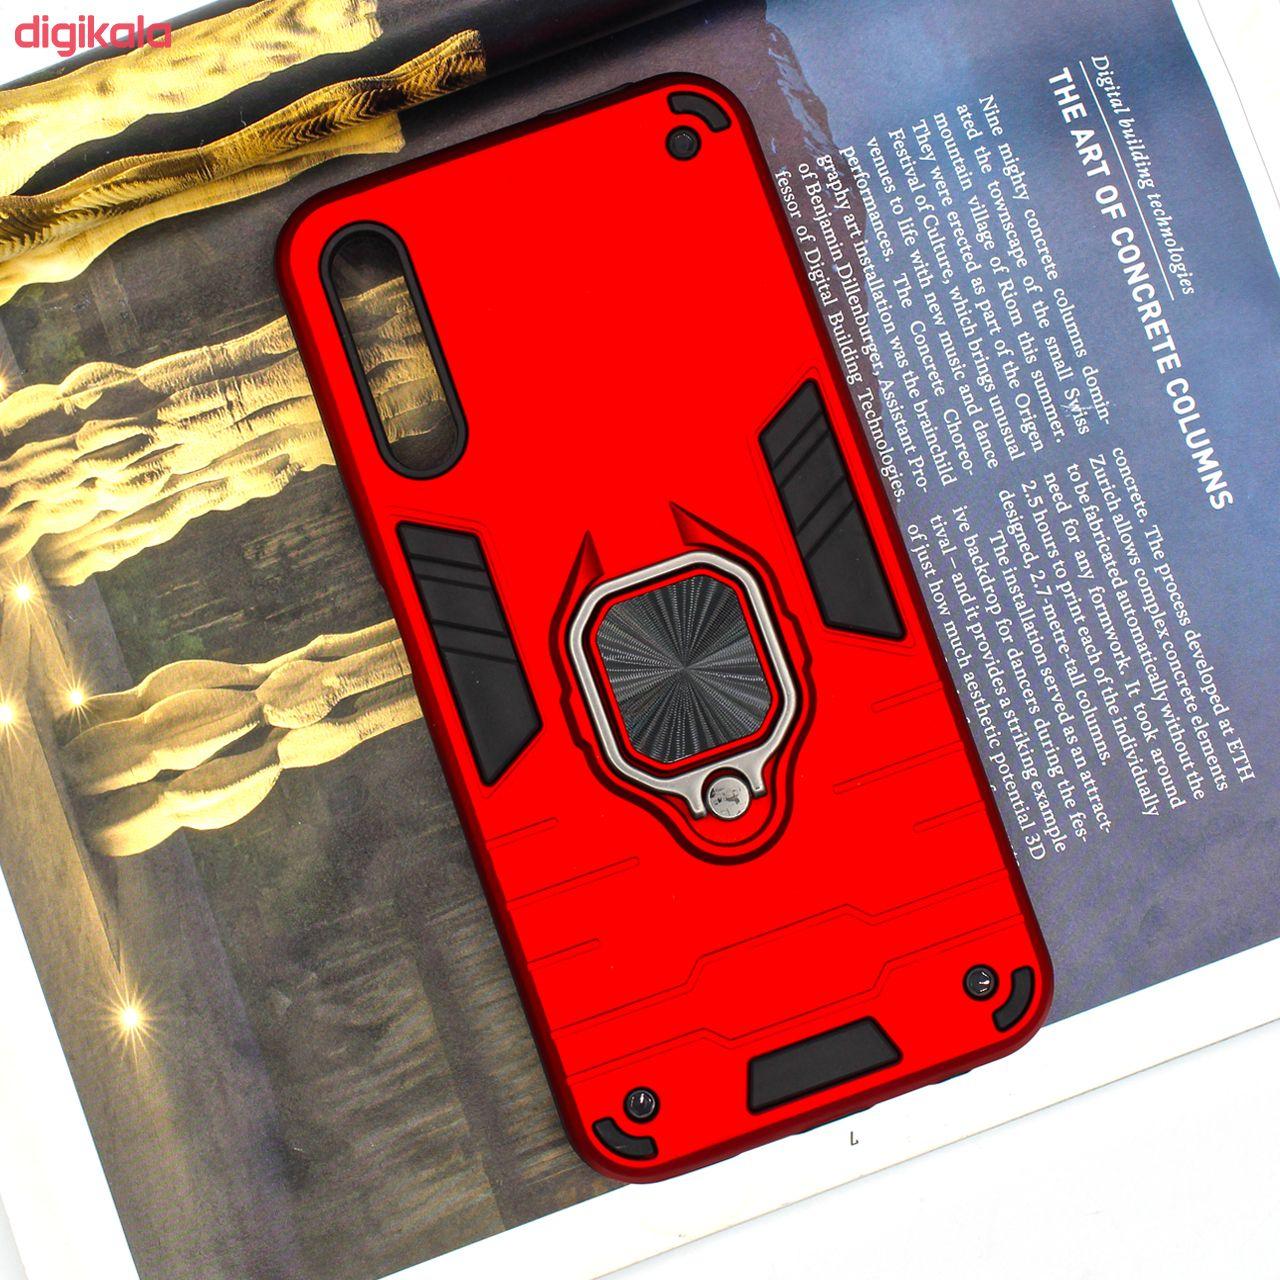 کاور کینگ پاور مدل ASH22 مناسب برای گوشی موبایل هوآوی Y9s main 1 7